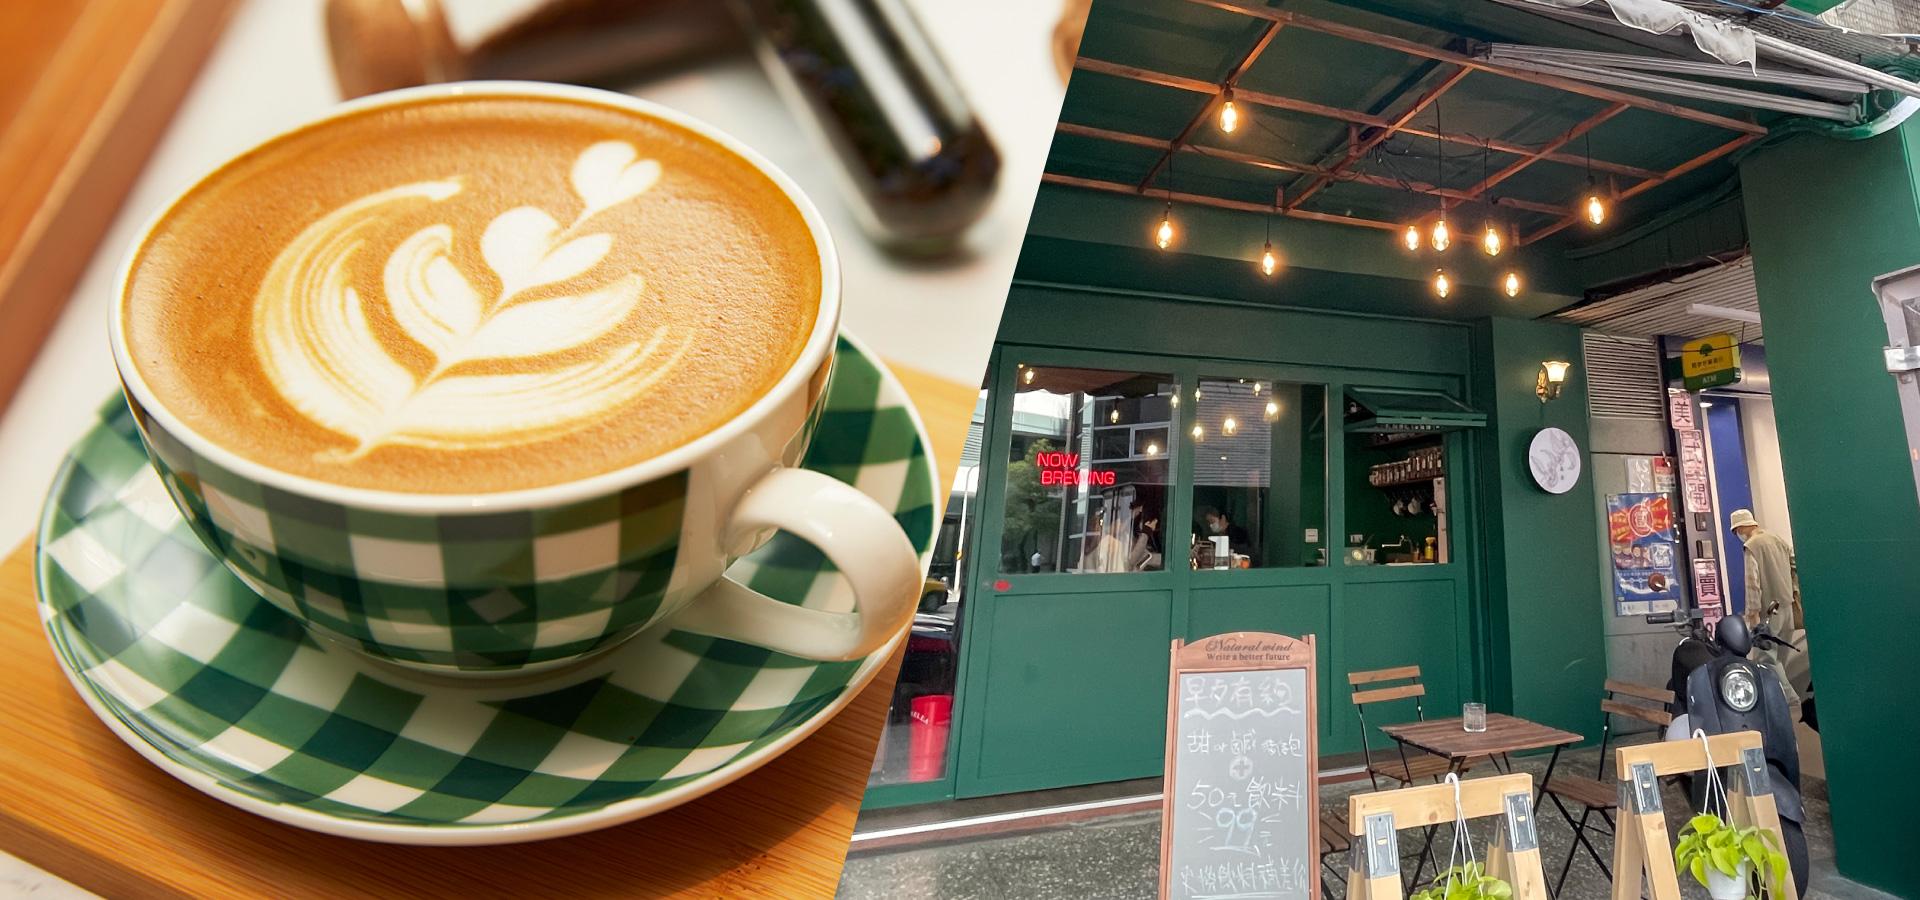 【信義區】森焙咖啡:酥脆豬仔包與手沖咖啡,用手機就能享受完美午茶時光-ume掃碼點餐